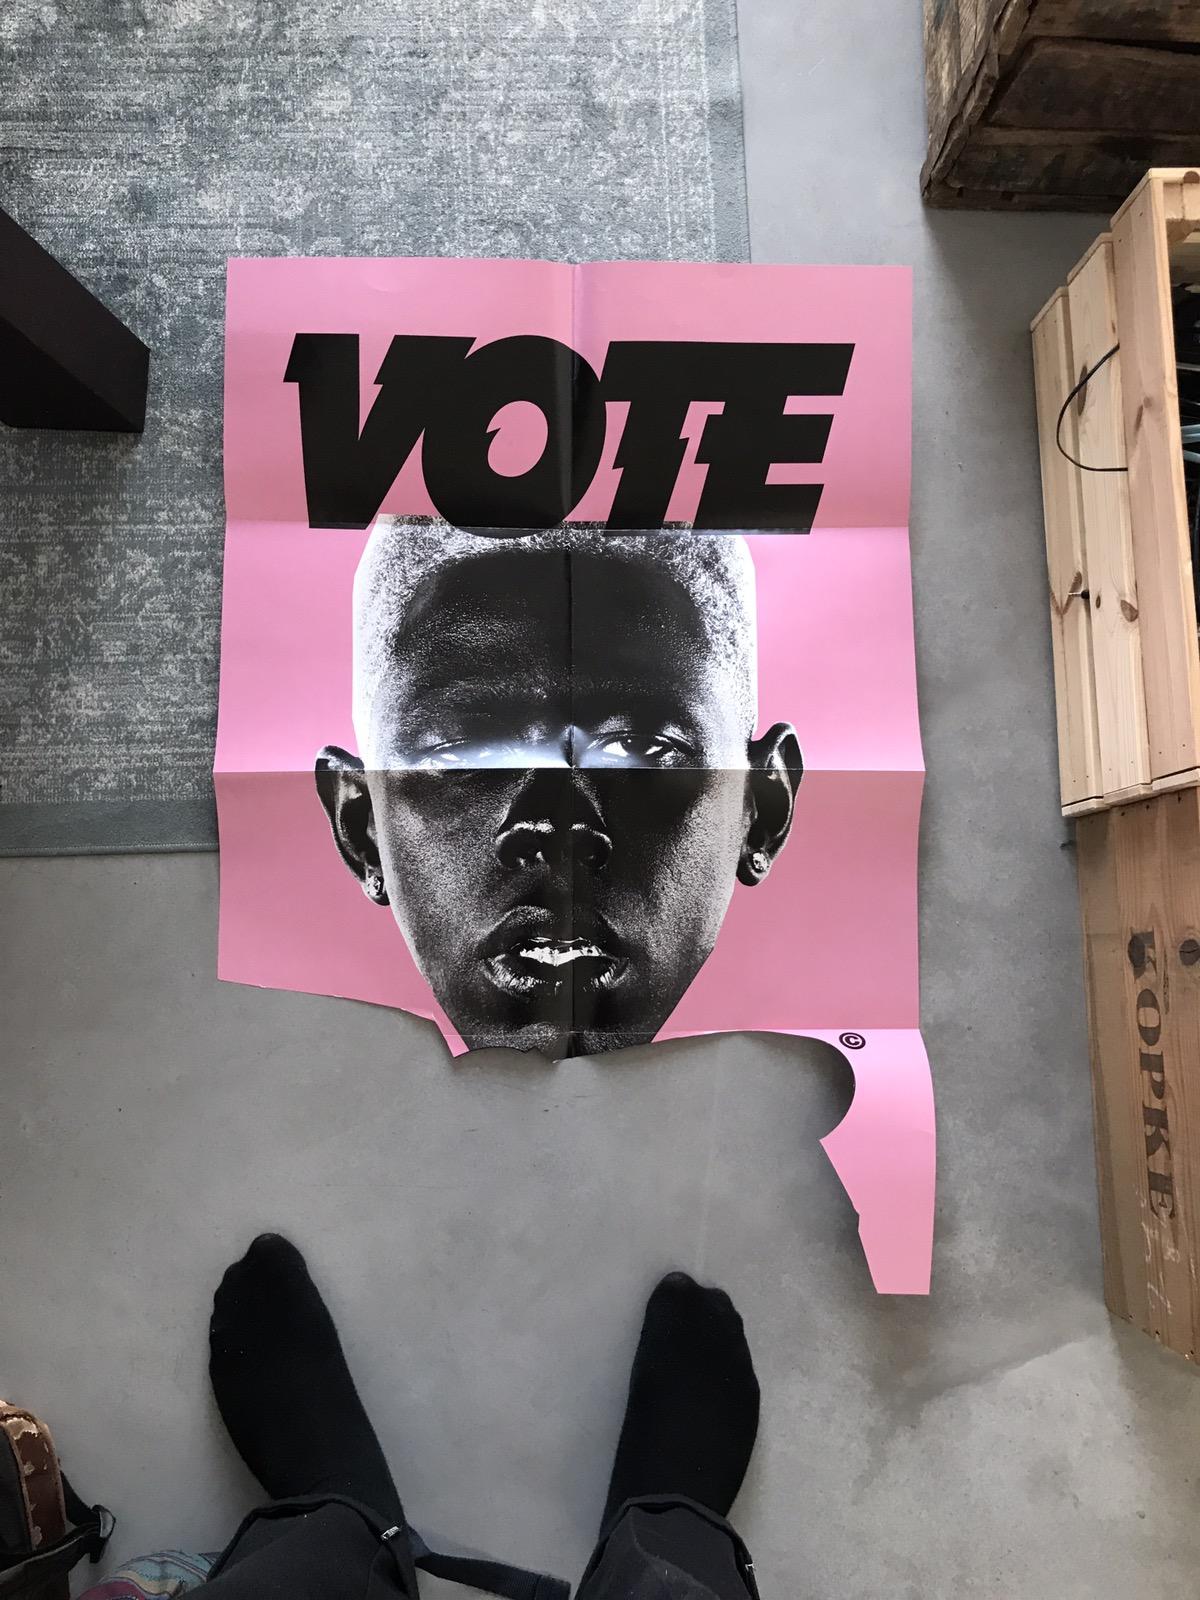 igor poster sticker